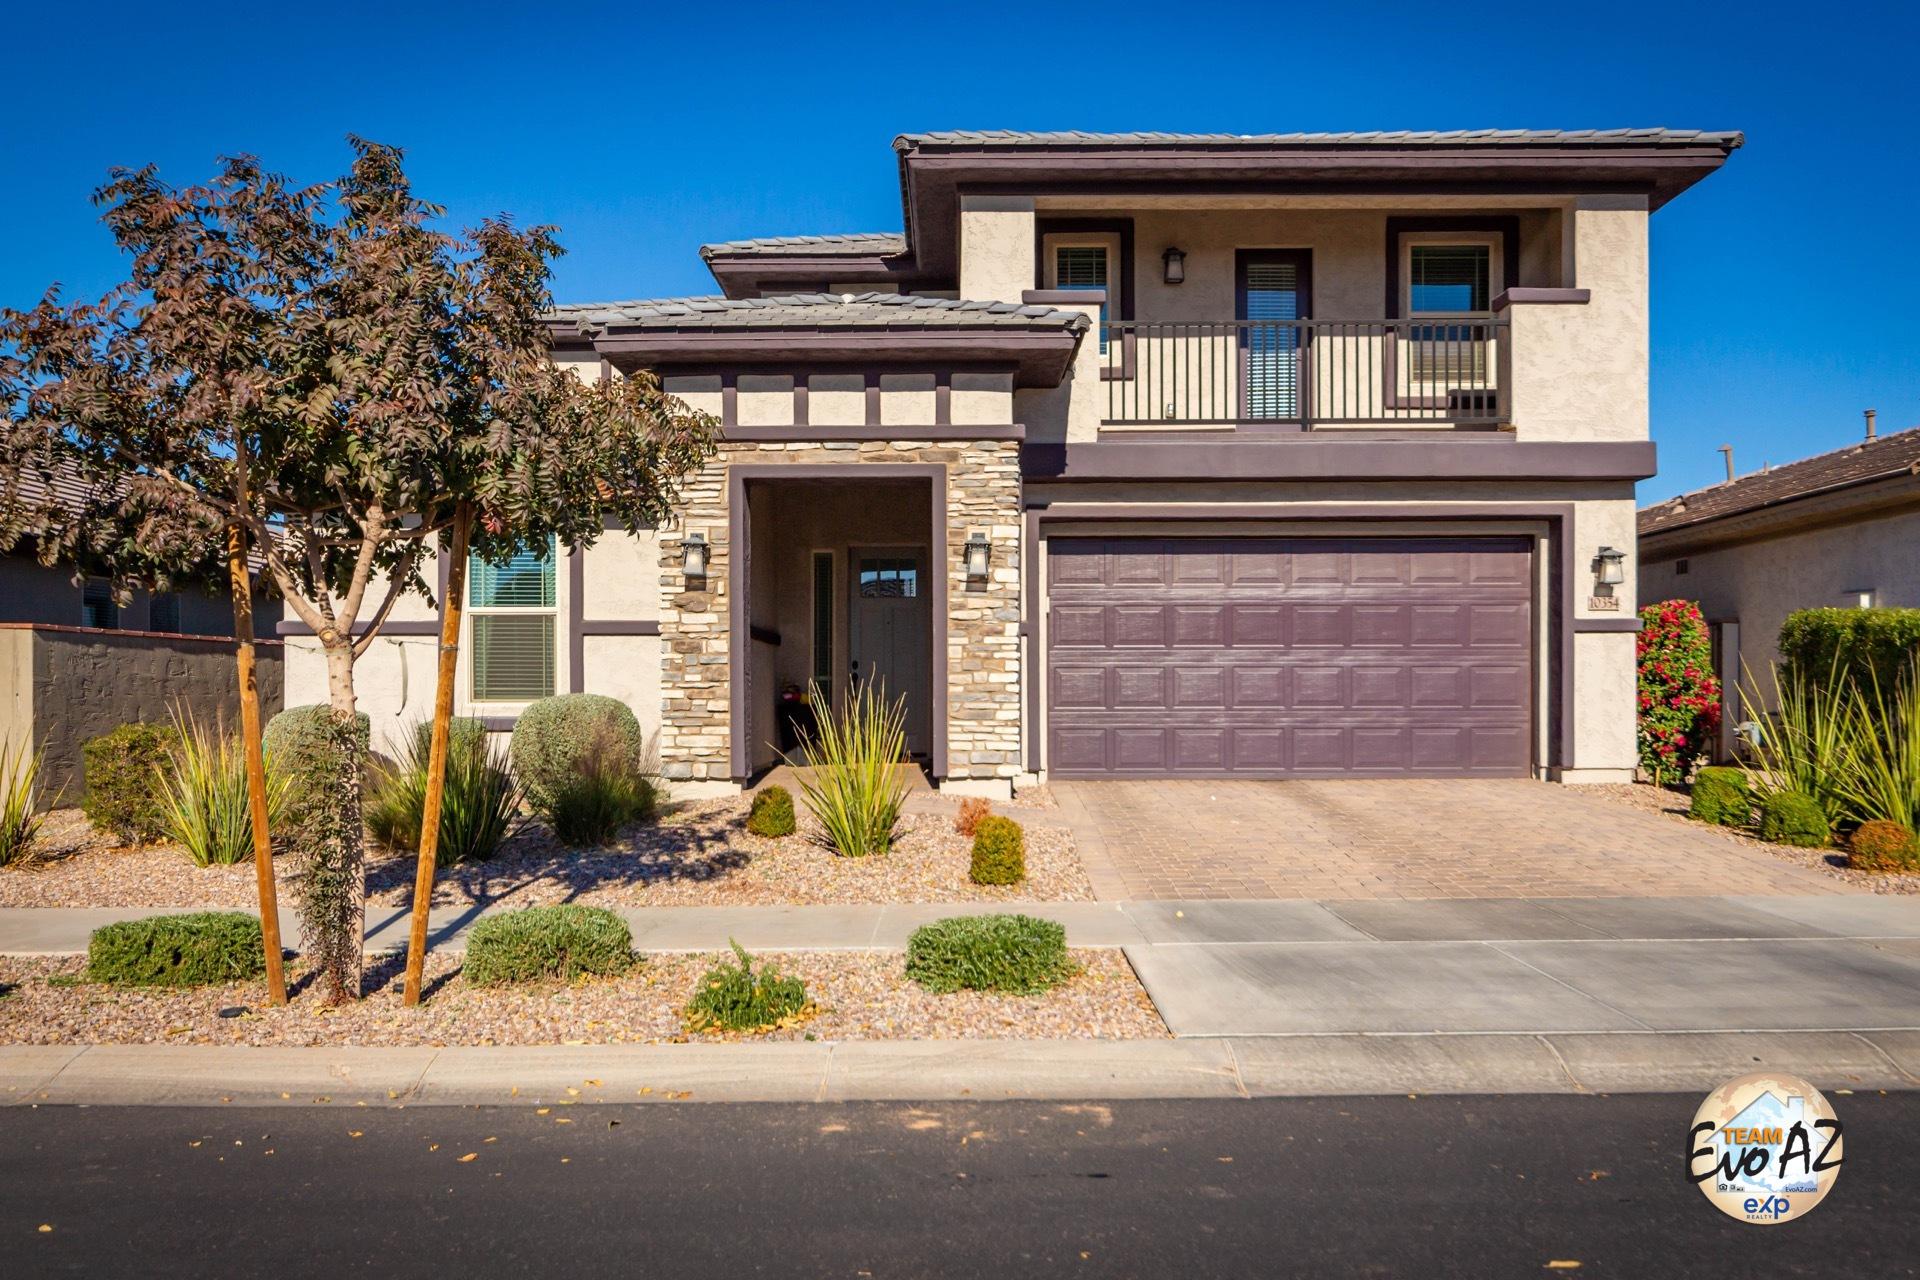 10354 E CORBIN AVE, Mesa, AZ 85212